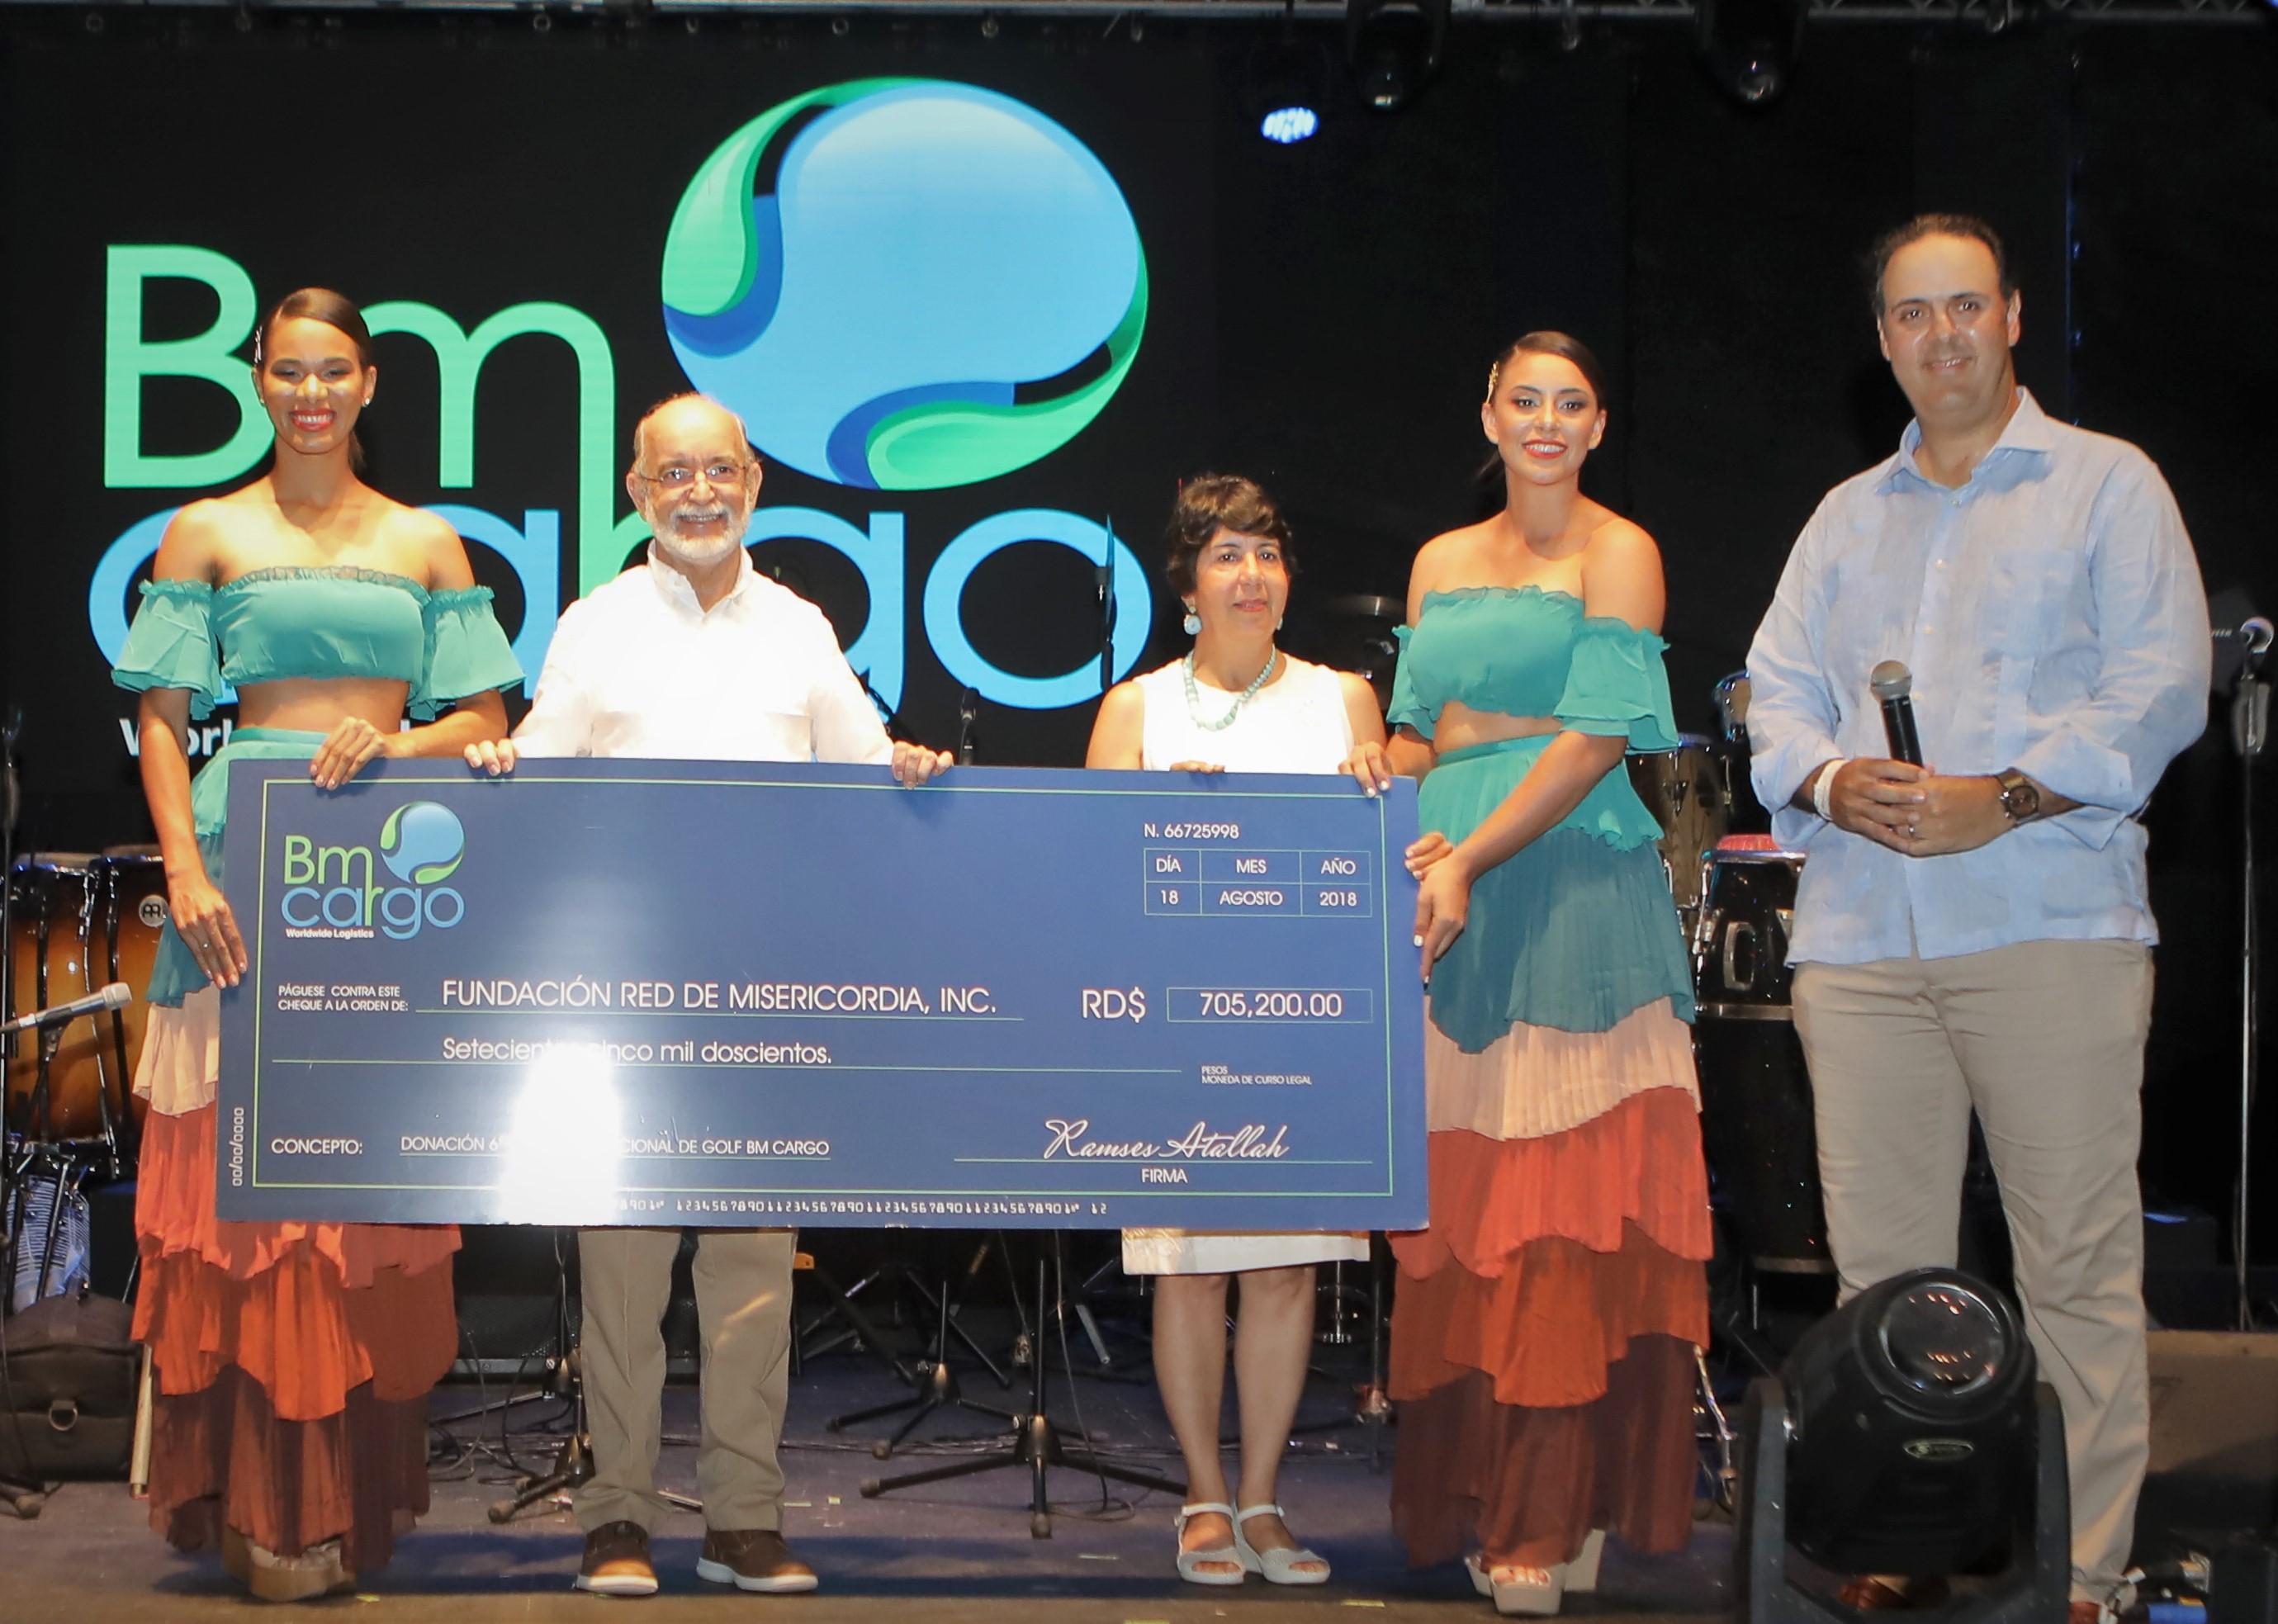 Donación Fundación Red de Misericordia